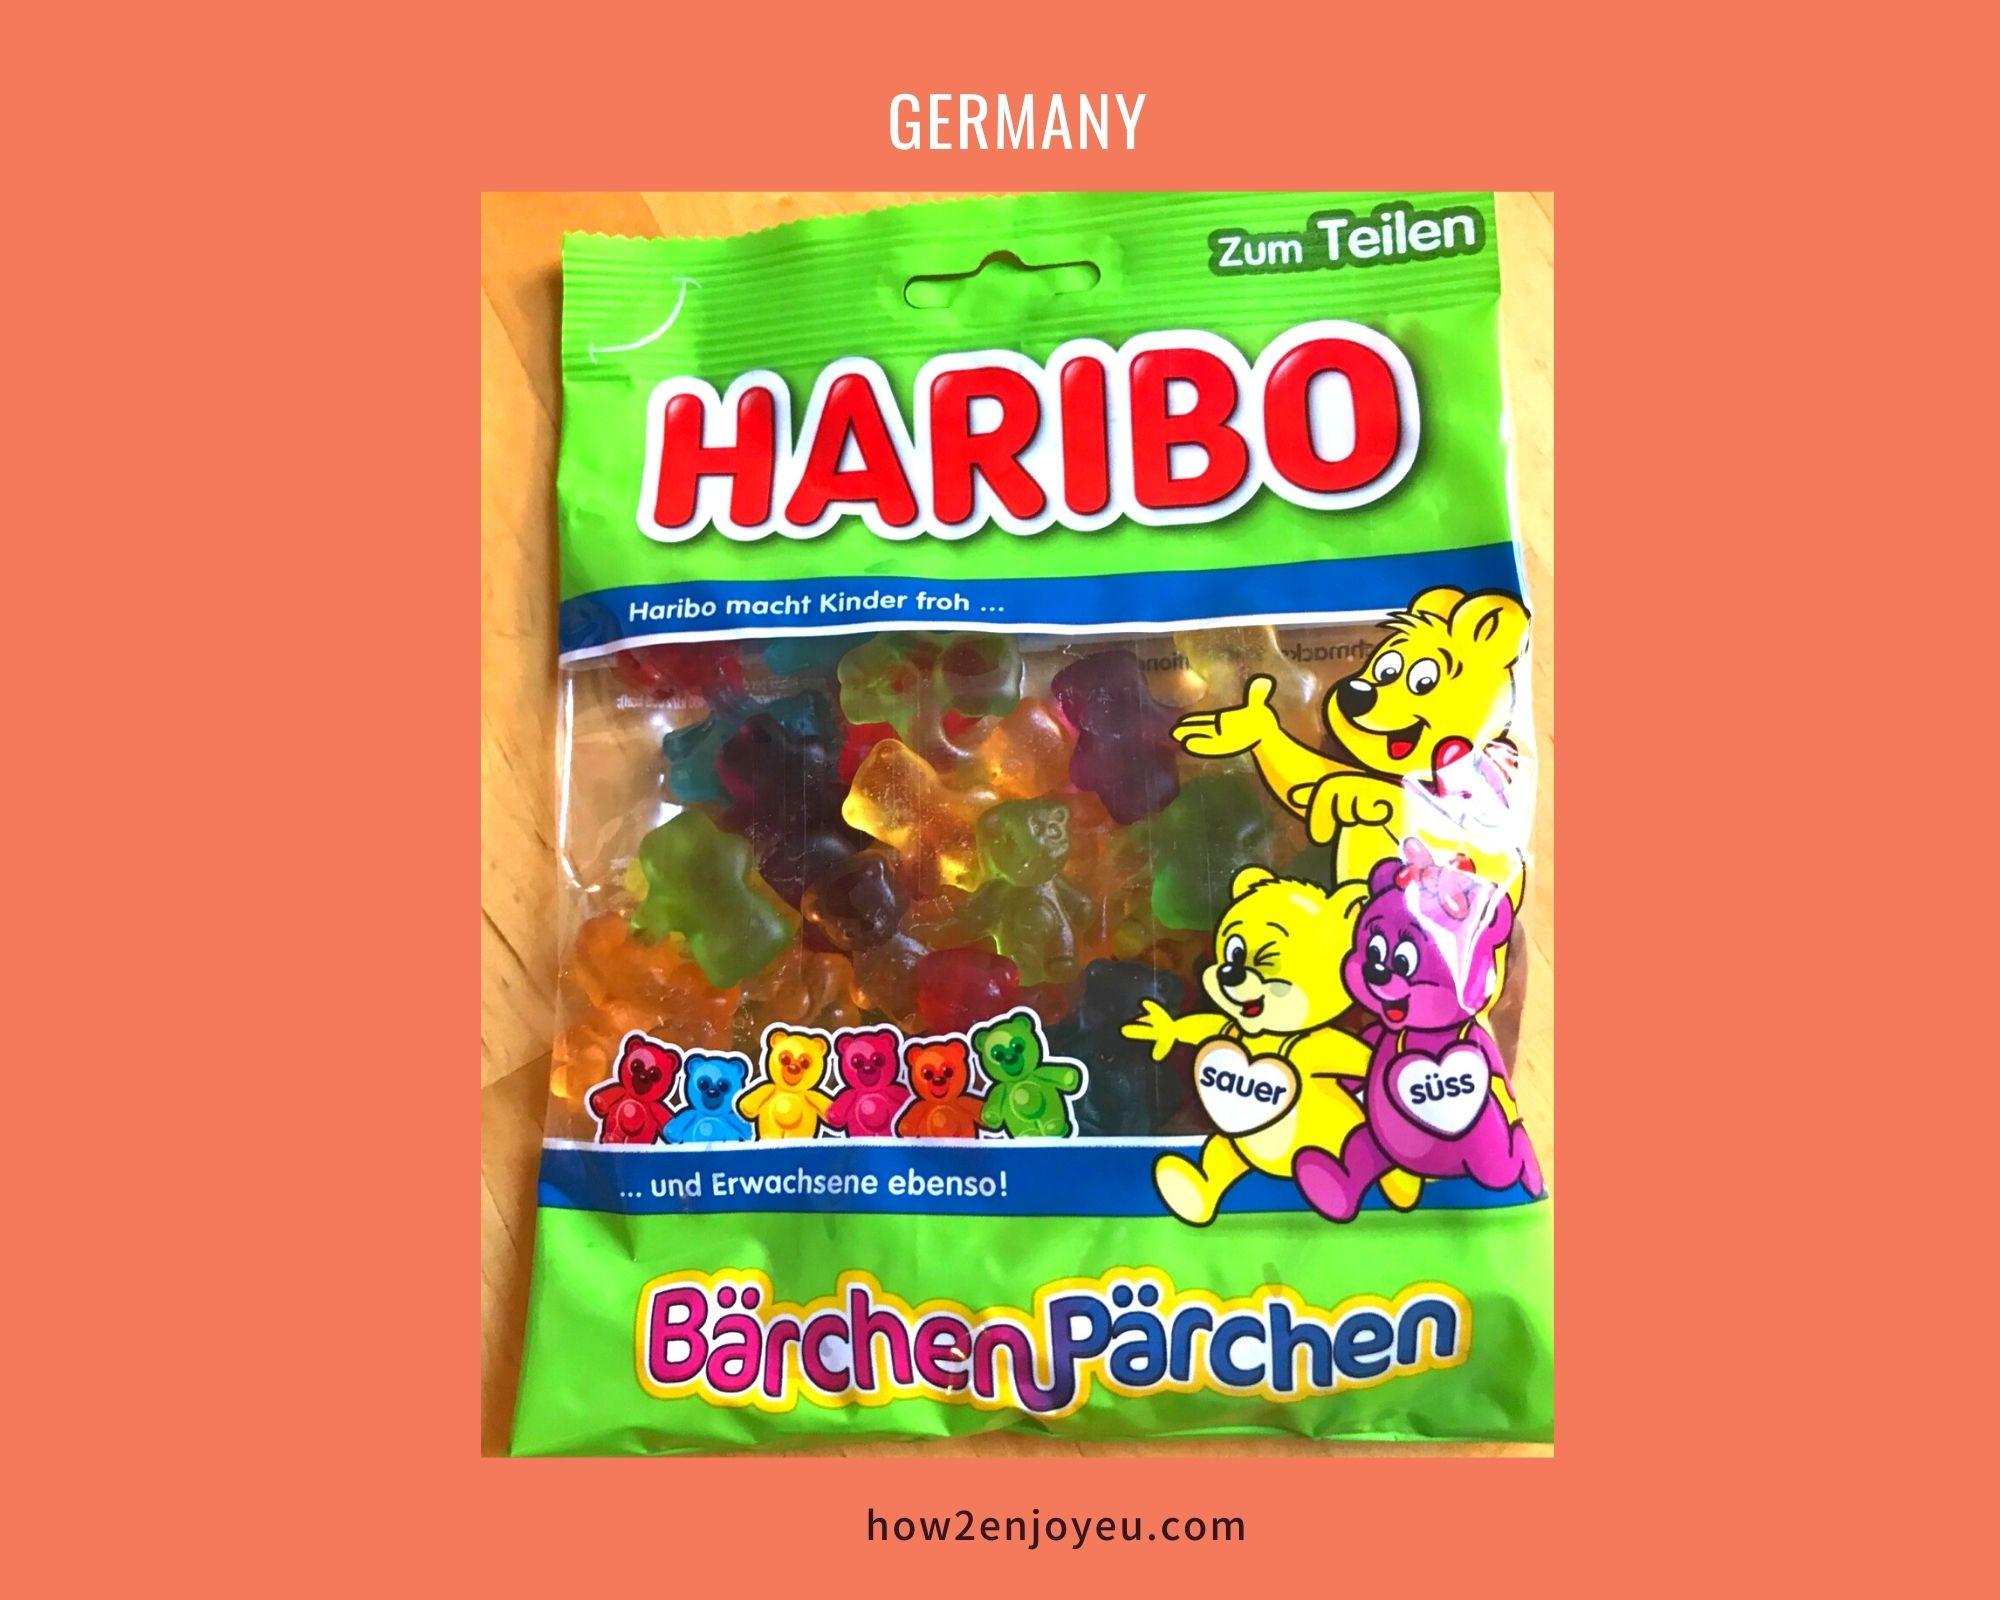 子グマの可愛いカップル・グミ、HARIBOのBärchen Pärchen